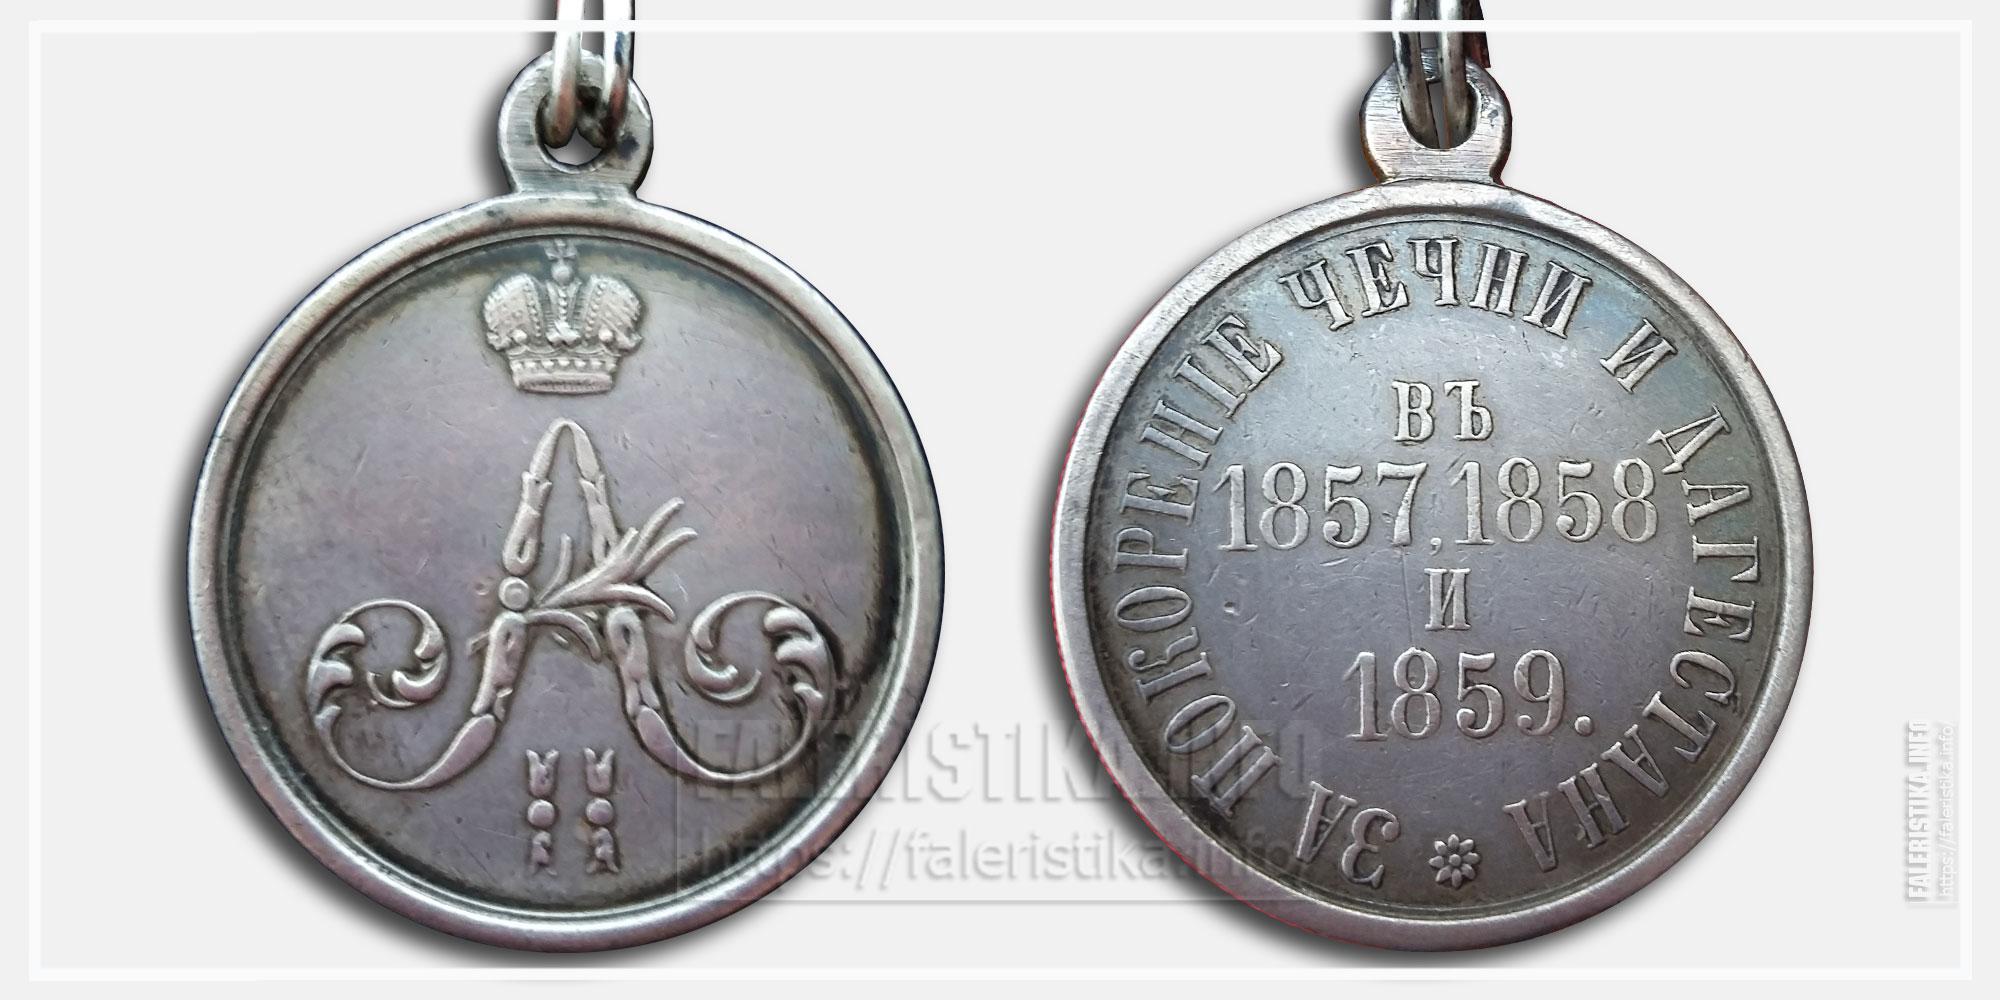 """Медаль """"За покорение Чечни и Дагестана 1857, 1858 и 1859""""Медаль """"За покорение Чечни и Дагестана 1857, 1858 и 1859"""""""